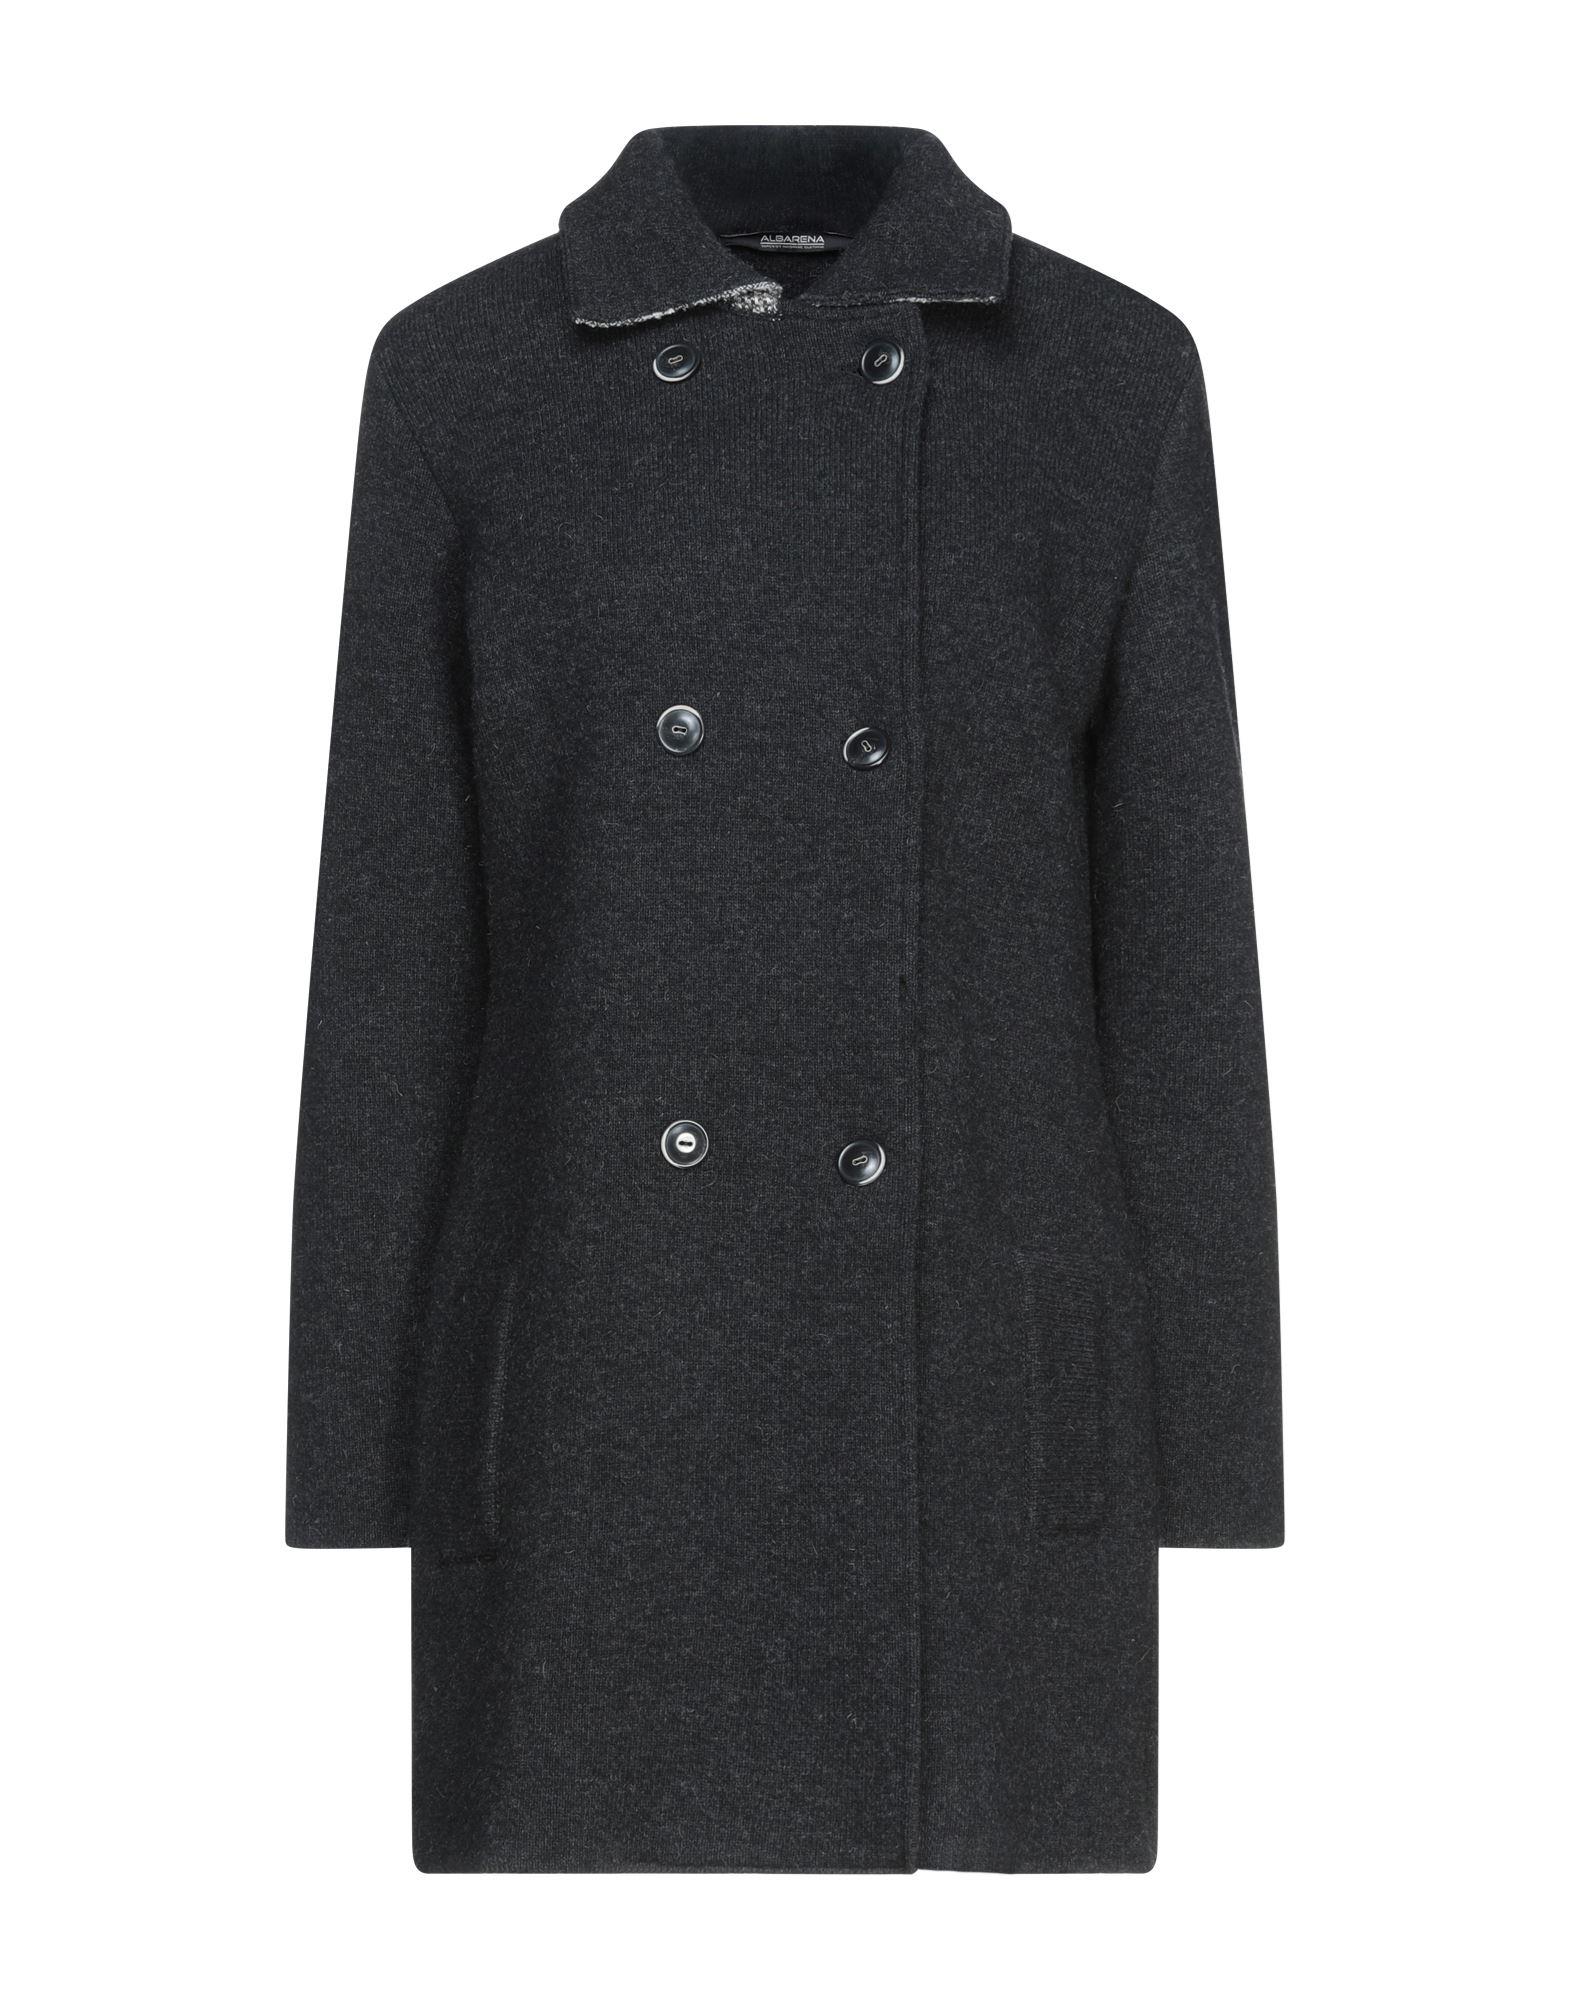 Albarena Coats In Steel Grey